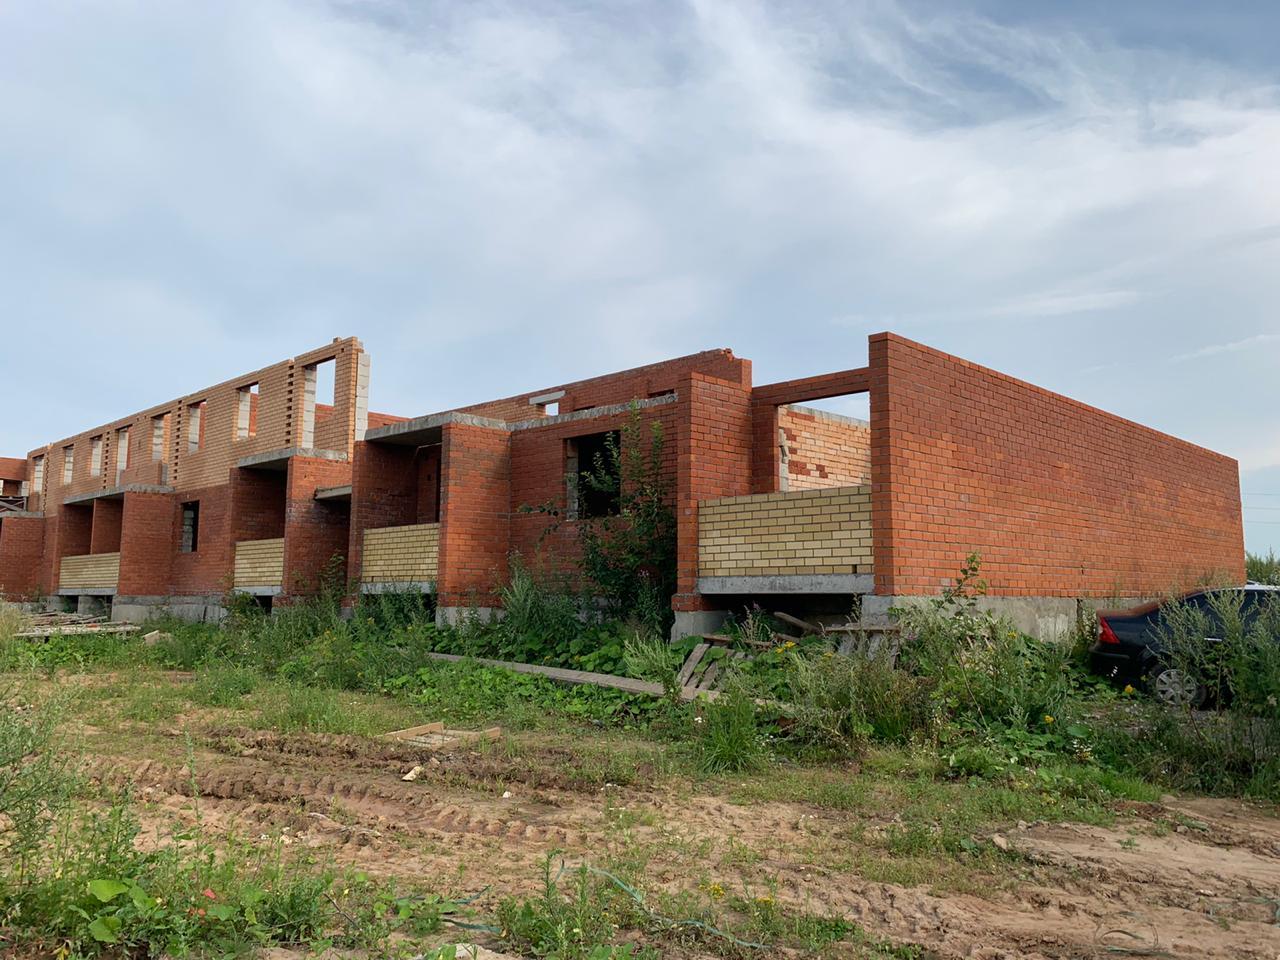 Дмитрий Миронов сообщил о решении проблемы 25 обманутых дольщиков по дому в поселке Щедрино